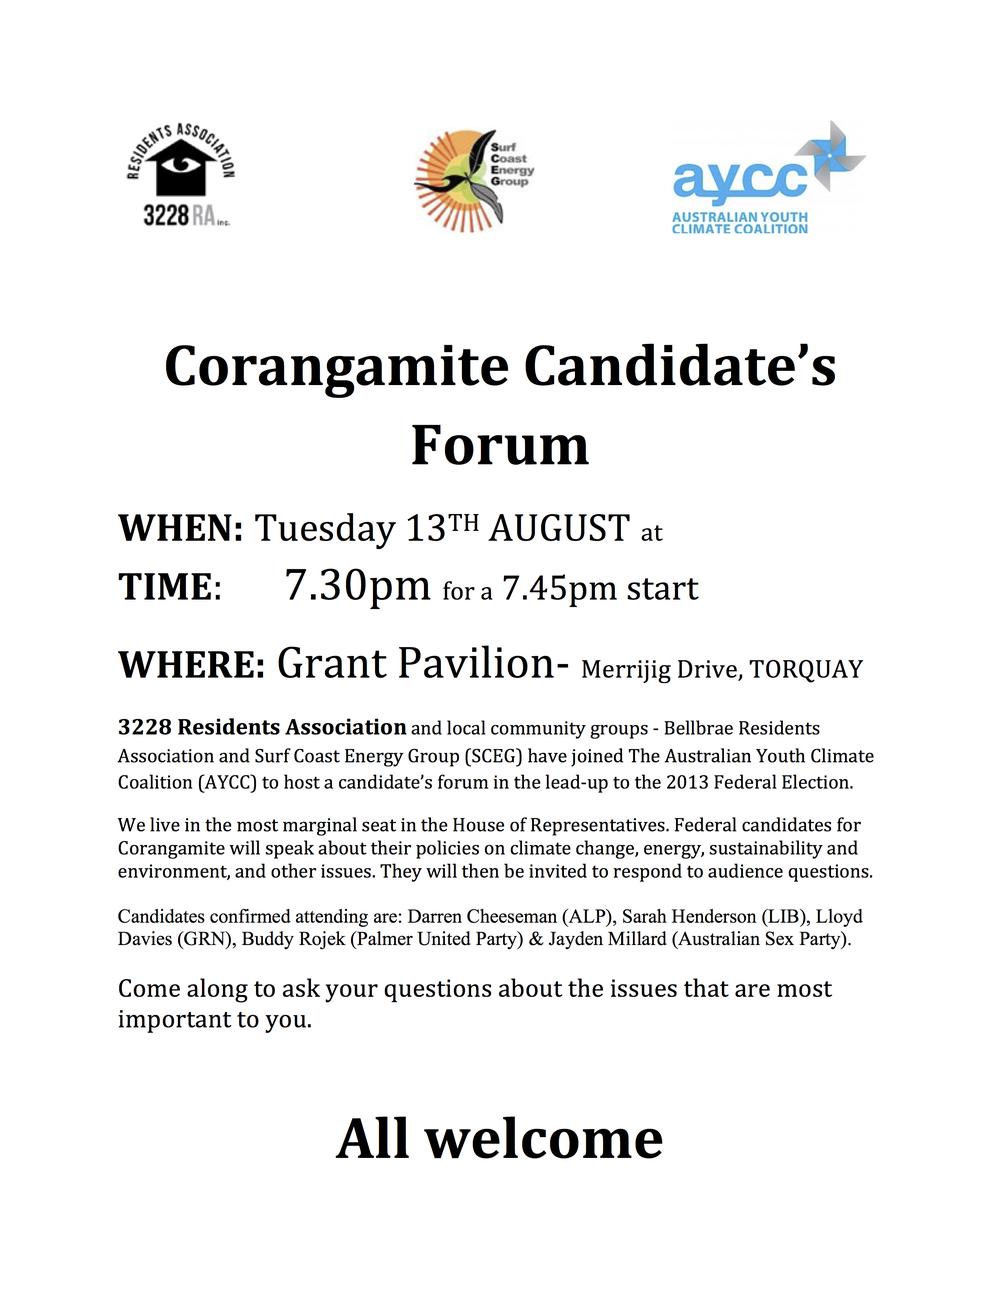 Corangamite Candidate poster.jpg